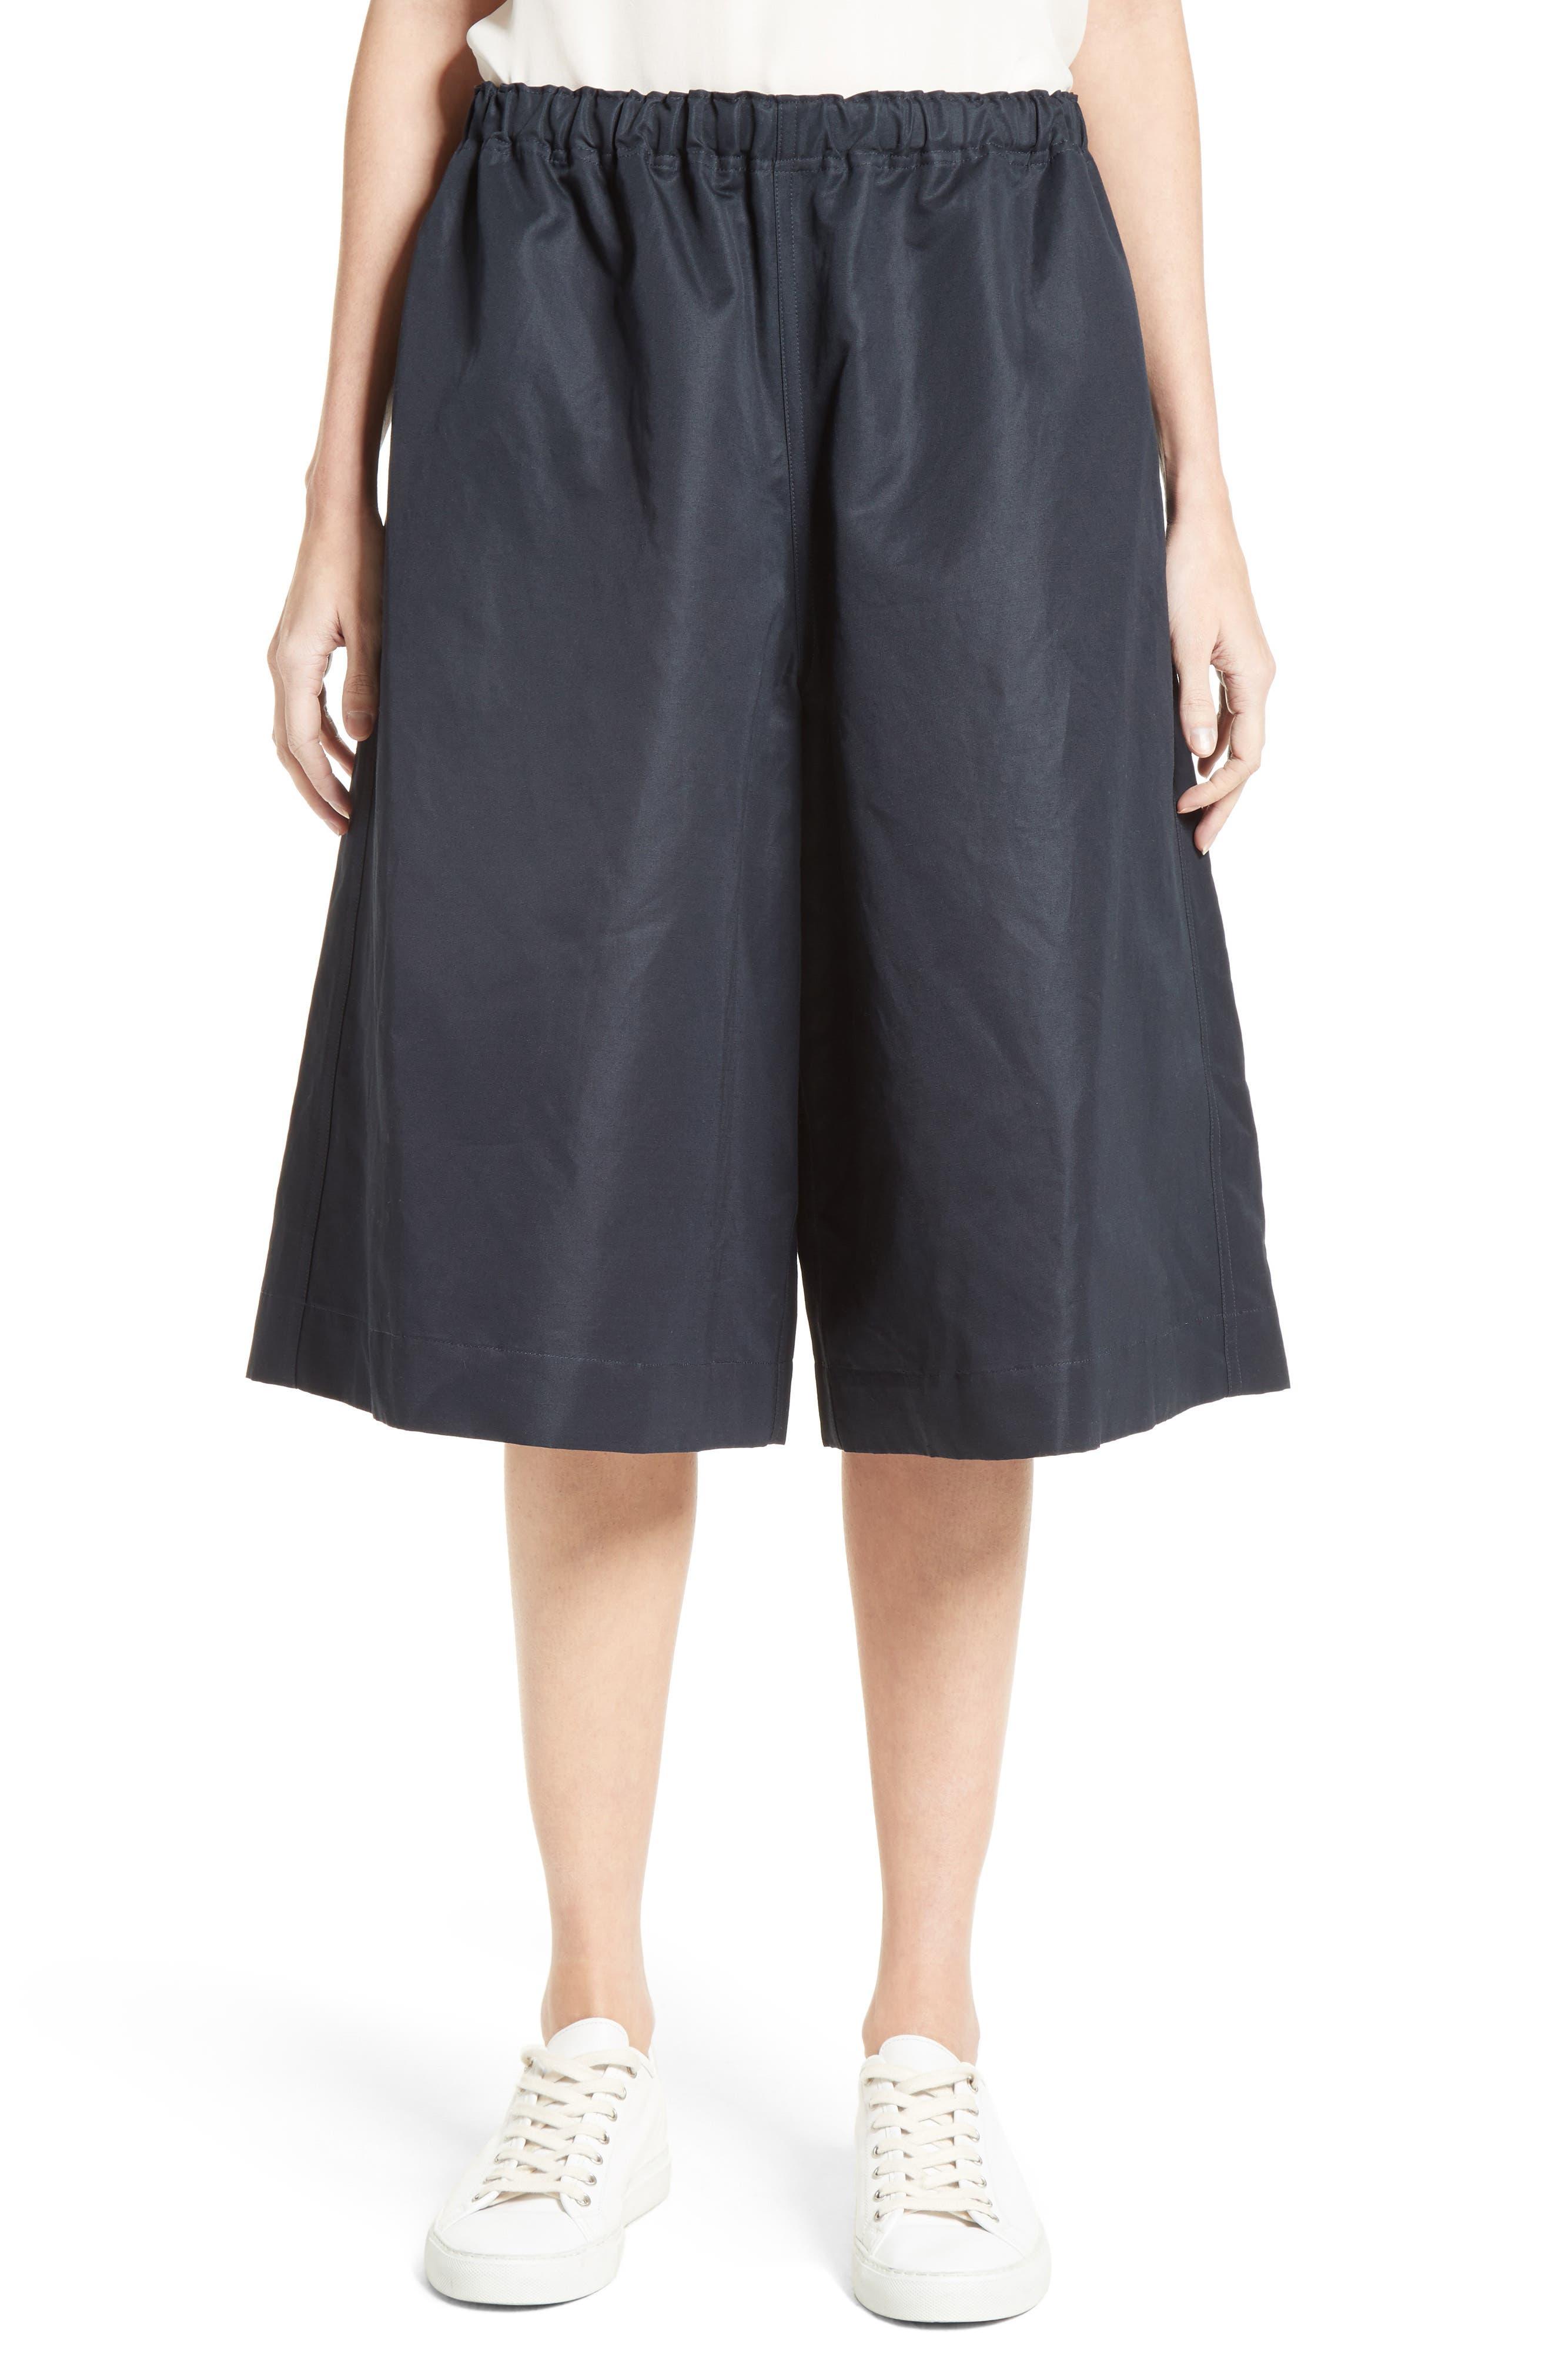 SOFIE D'HOORE Pulp Shorts